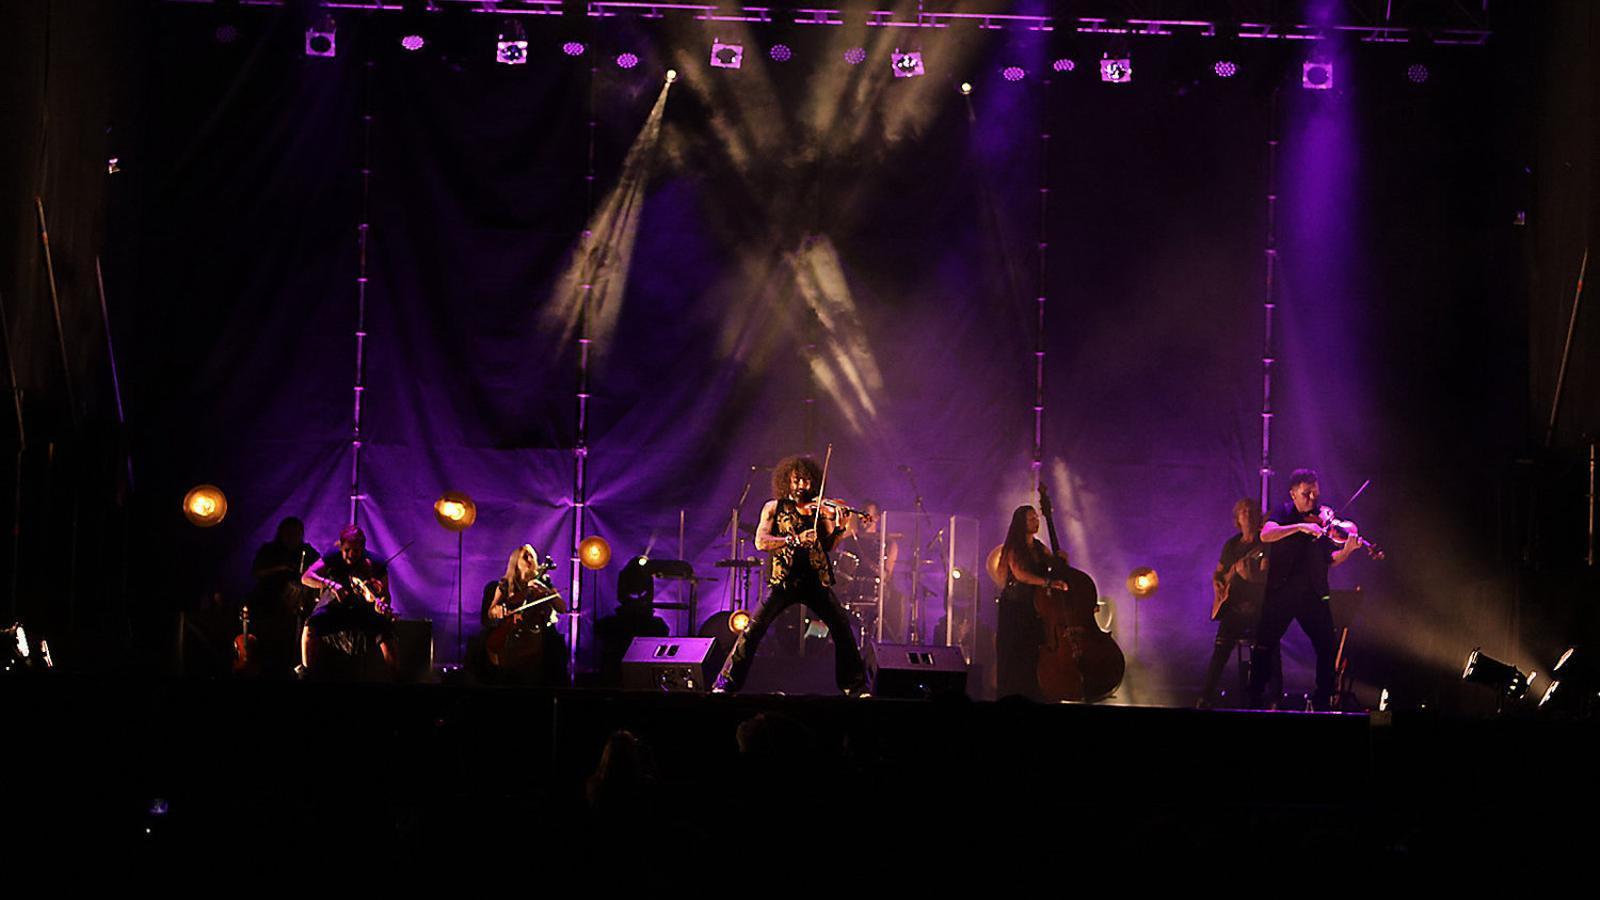 Ara Malikian, durant el concert de dimecres, que forma part de la gira 'The Incredible world tour of violin', en la qual ha actuat en escenaris del Japó, la Xina, Europa i Amèrica, en el marc del Port Adriano Music Festival.